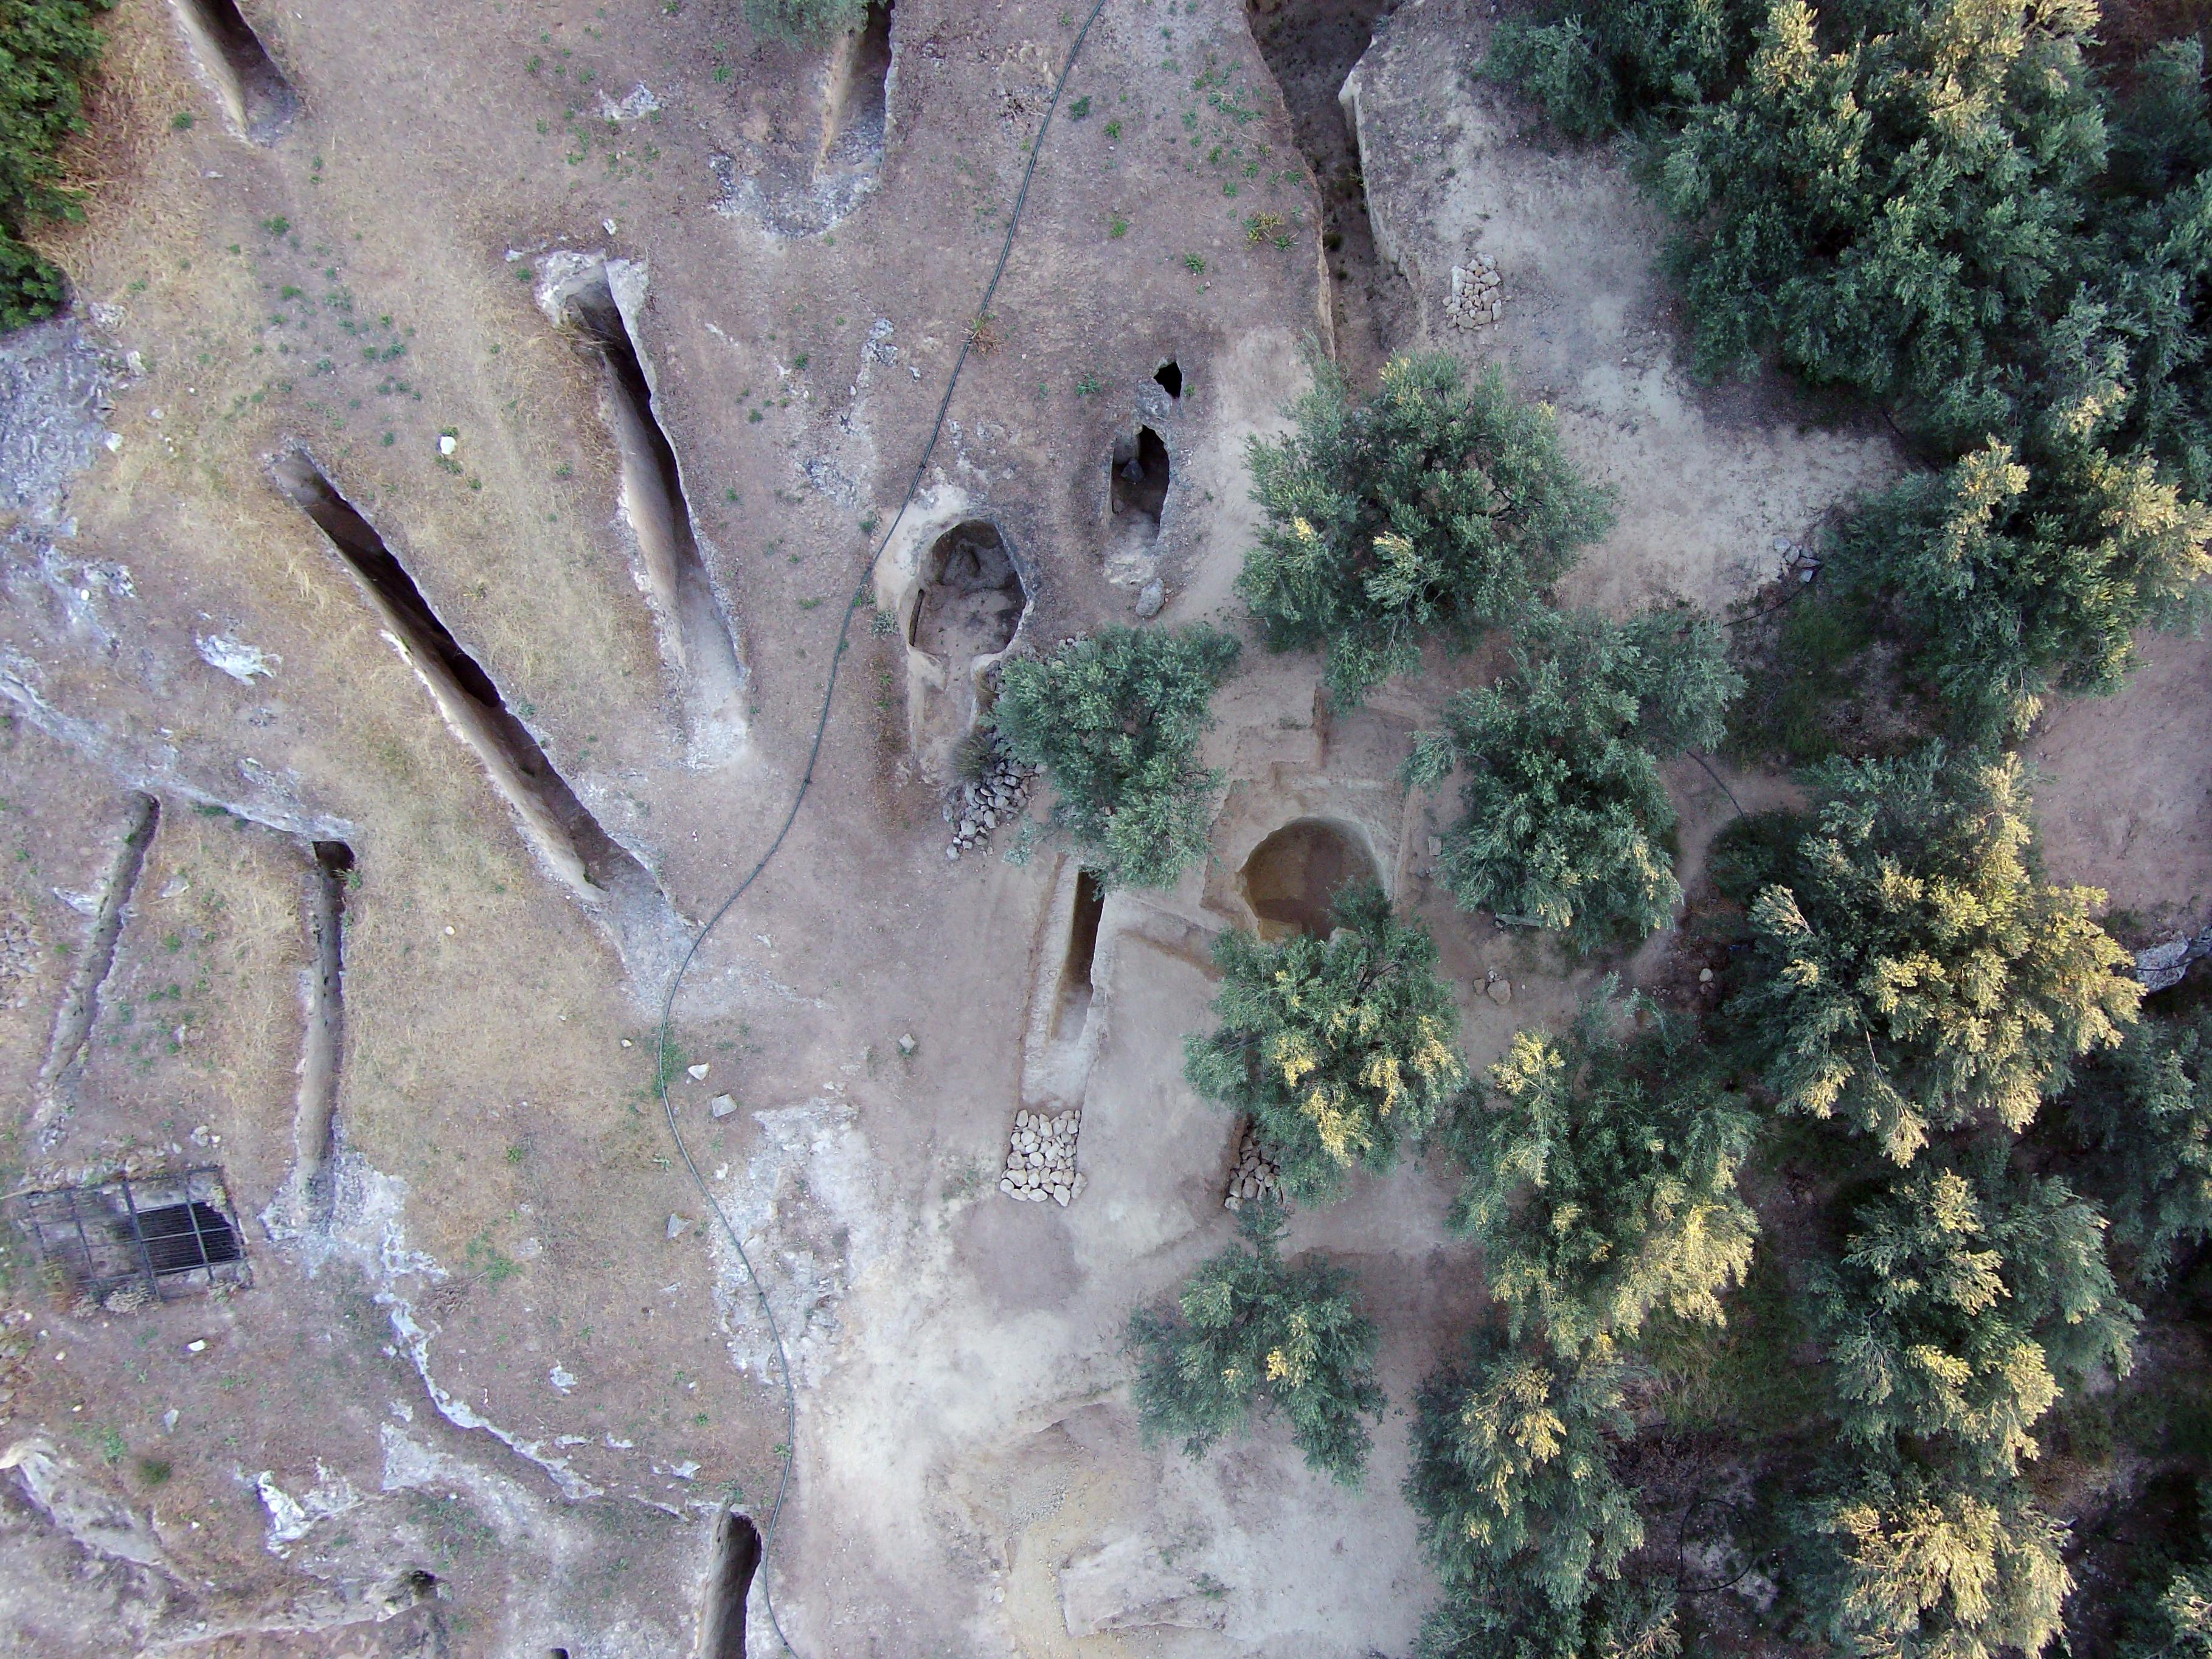 Βρήκαν ασύλητους τάφους από την εποχή των μυκηναϊκών ανακτόρων! Δείτε εικόνες